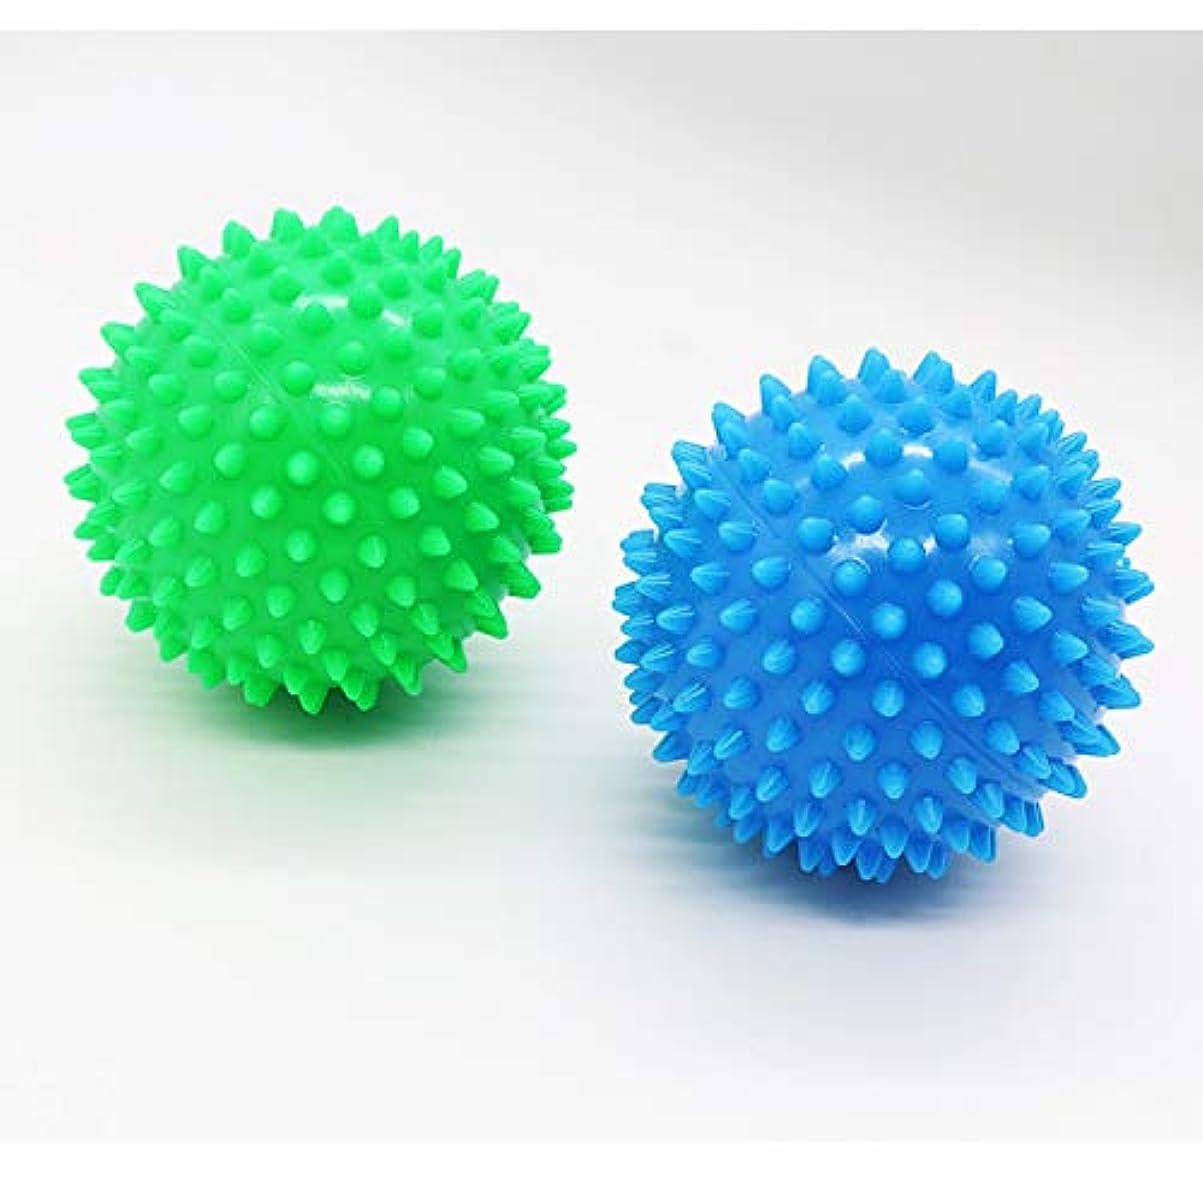 水没卵盲信Dreecy マッサージボール(2個セット)触覚ボール リフレックスボール トレーニングボール  ポイントマッサージ 筋筋膜リリース 筋肉緊張和らげ 血液循環促進 9cm(青+緑)